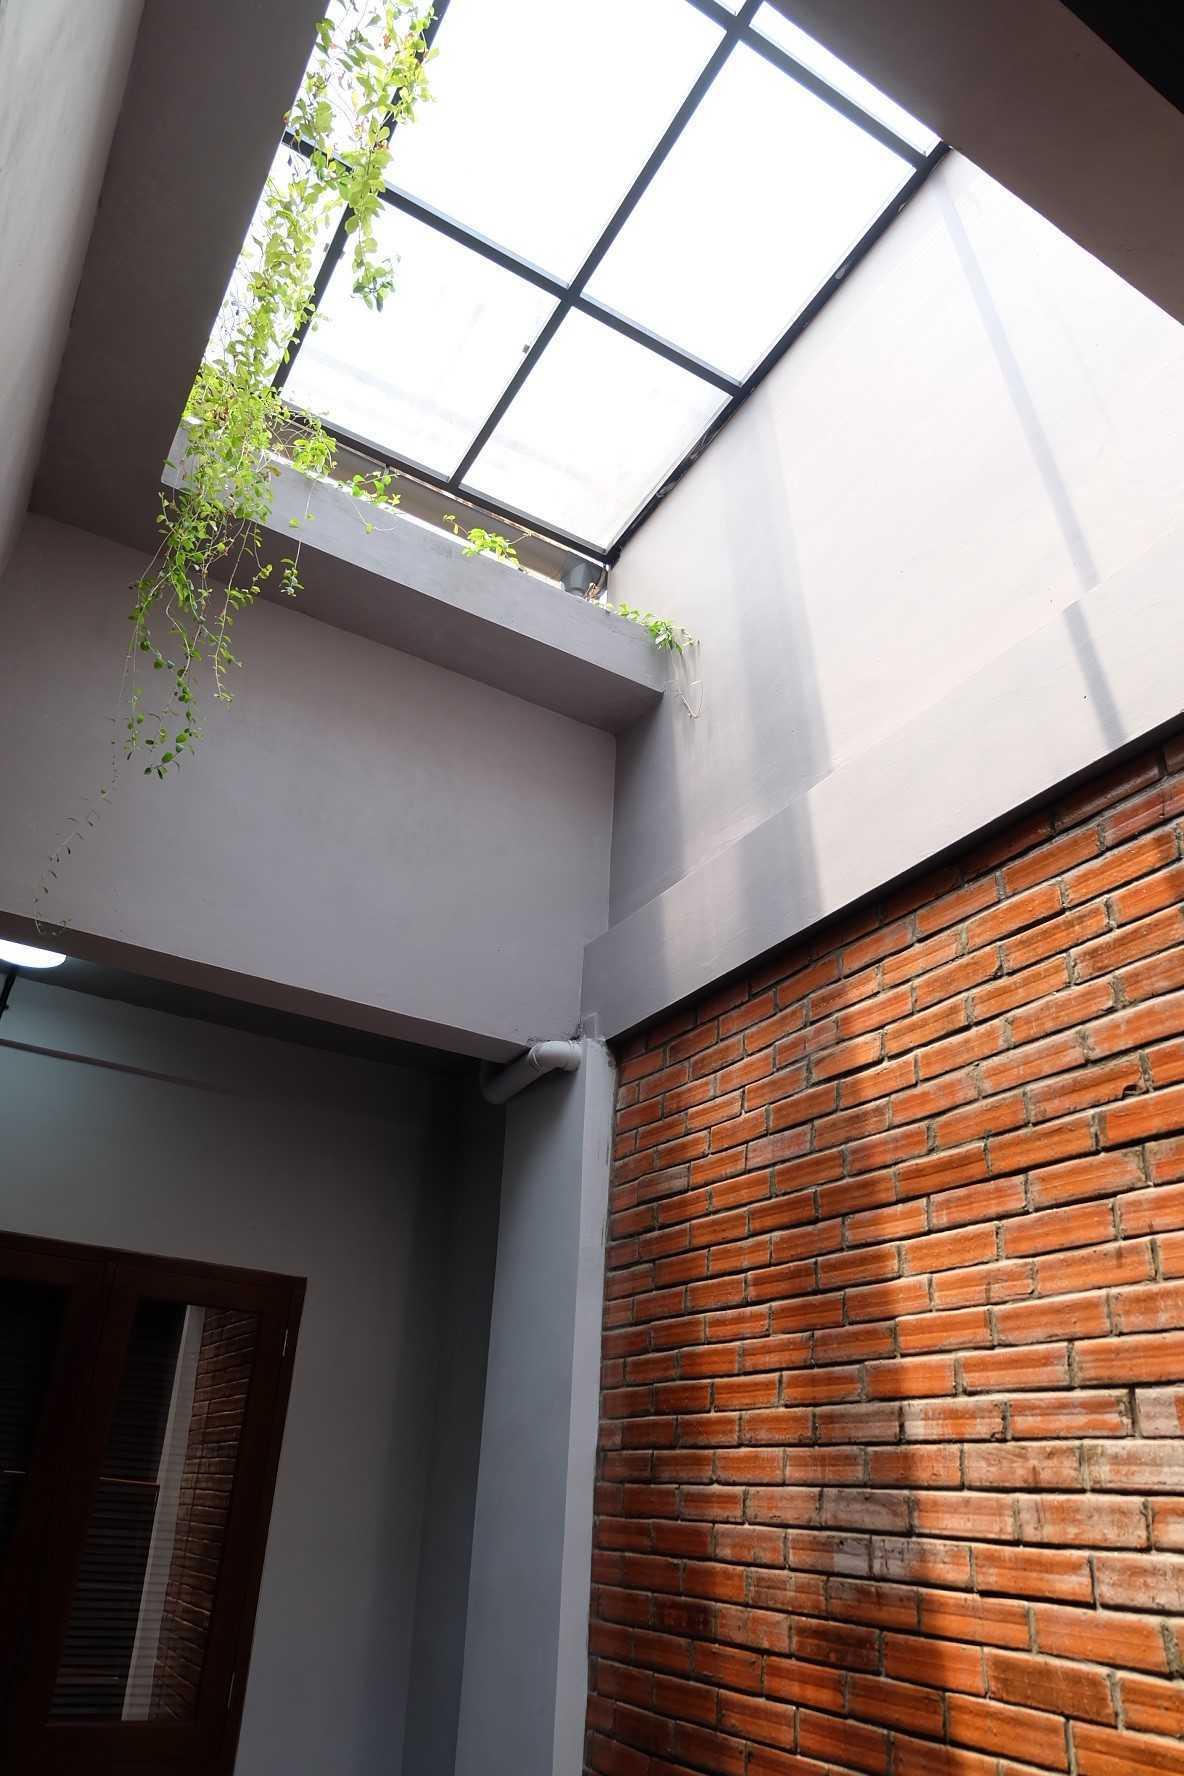 Foto inspirasi ide desain dapur industrial Fiano-rumah-mertilang oleh FIANO di Arsitag